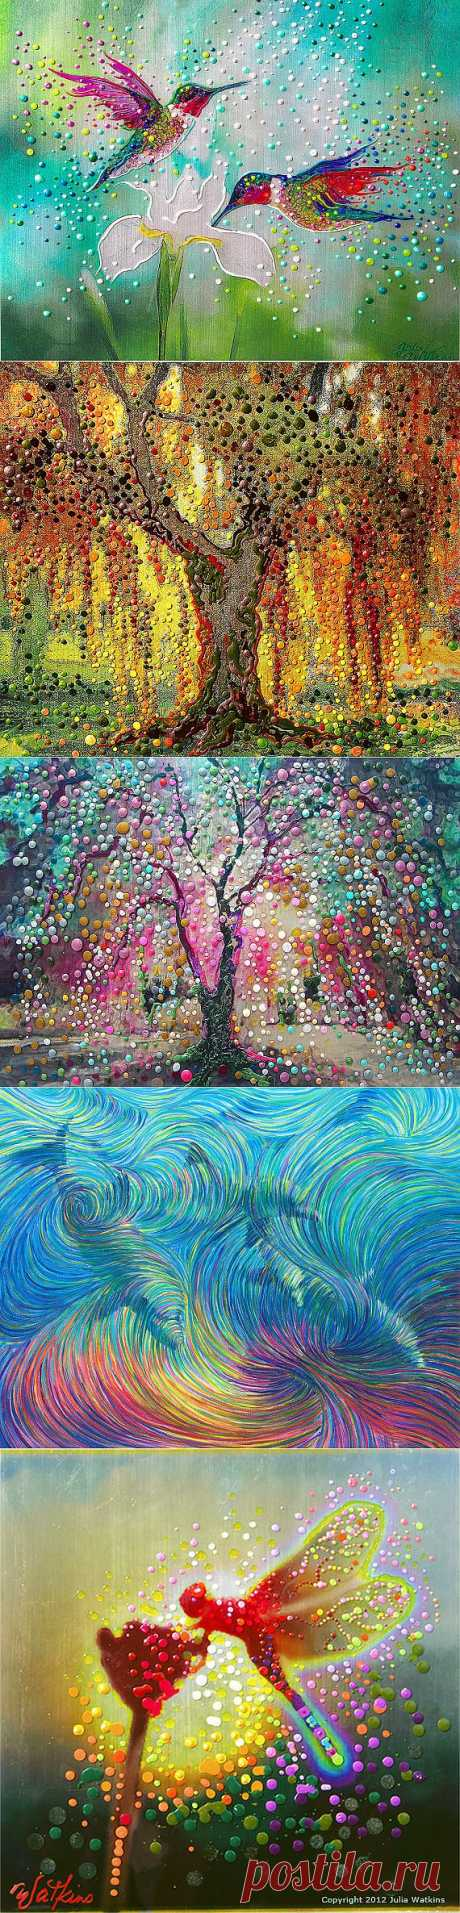 Энергетическое искусство Джулия Уоткинс | Мир в цвете: позитивное мышление, истории успеха, радости жизни